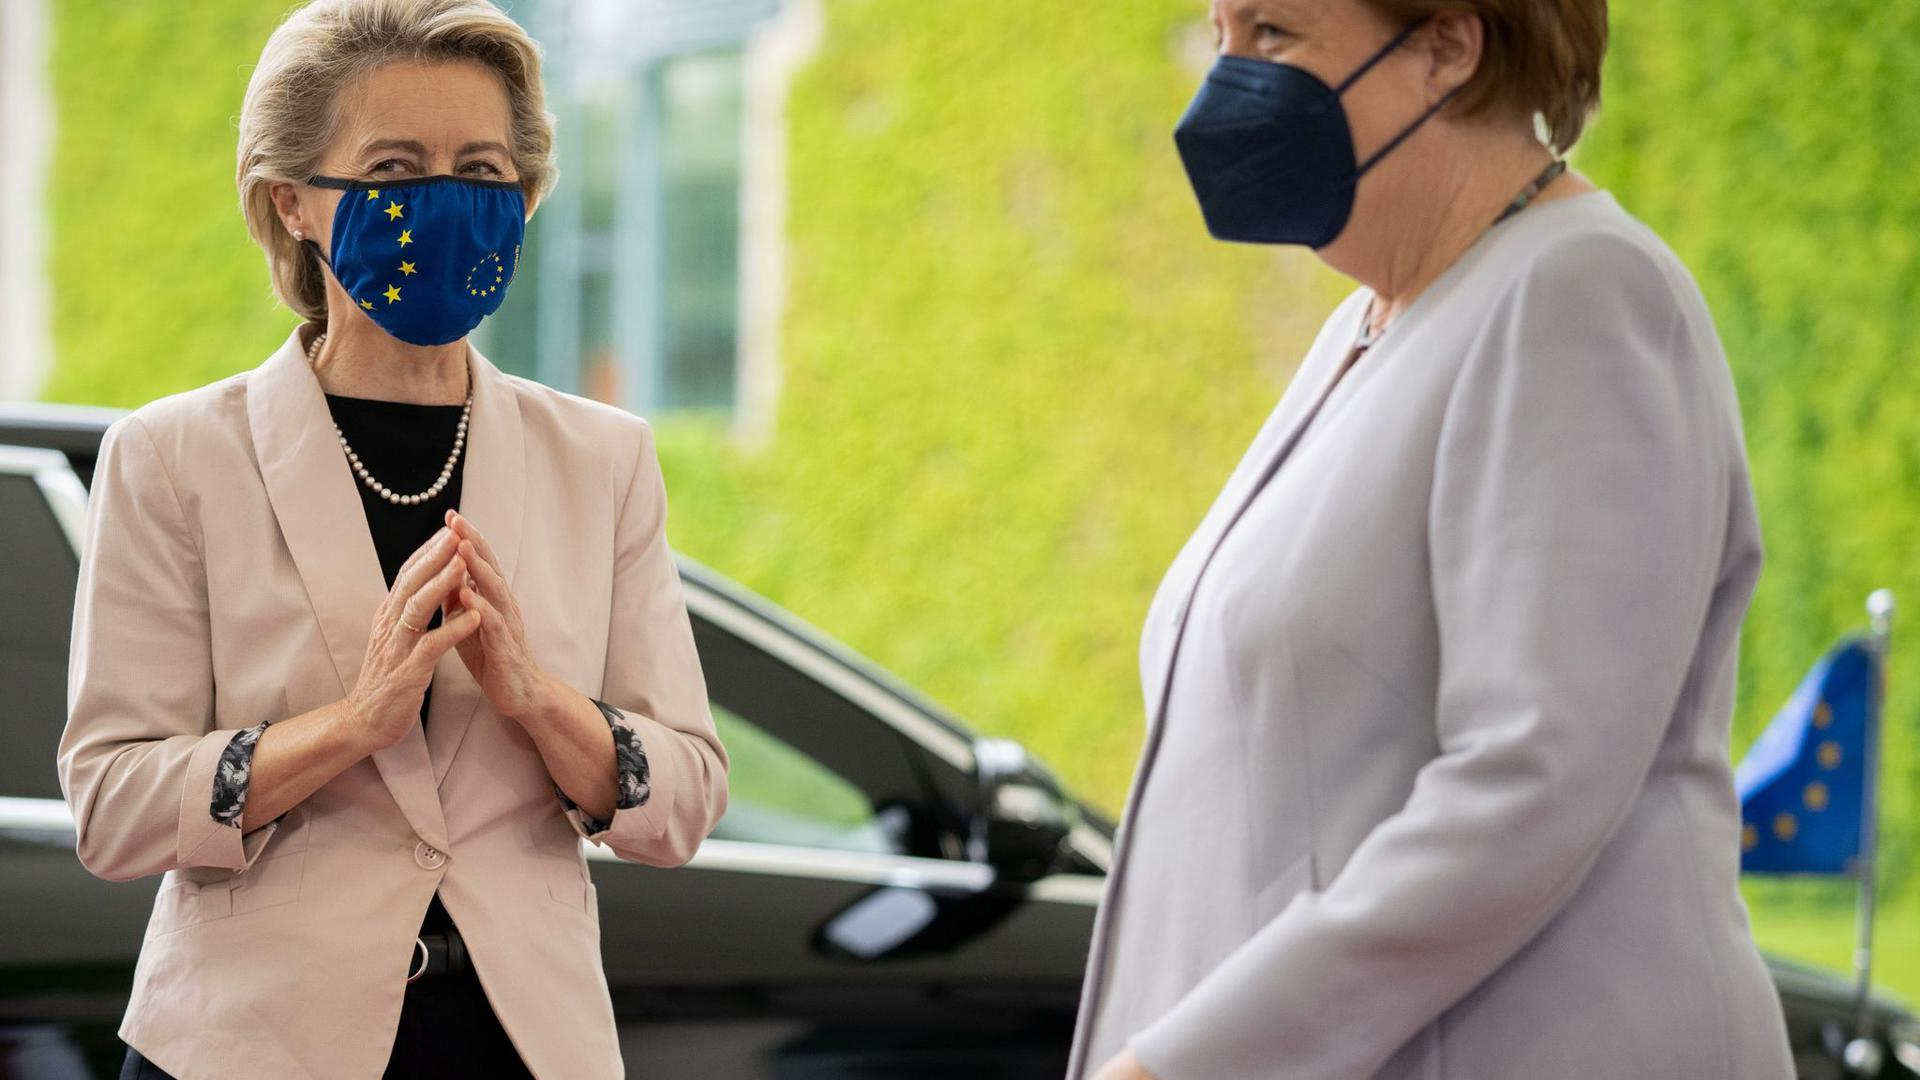 Bundeskanzlerin Angela Merkel empfängt EU-Kommissionschefin Ursula von der Leyen vor dem Bundeskanzleramt.